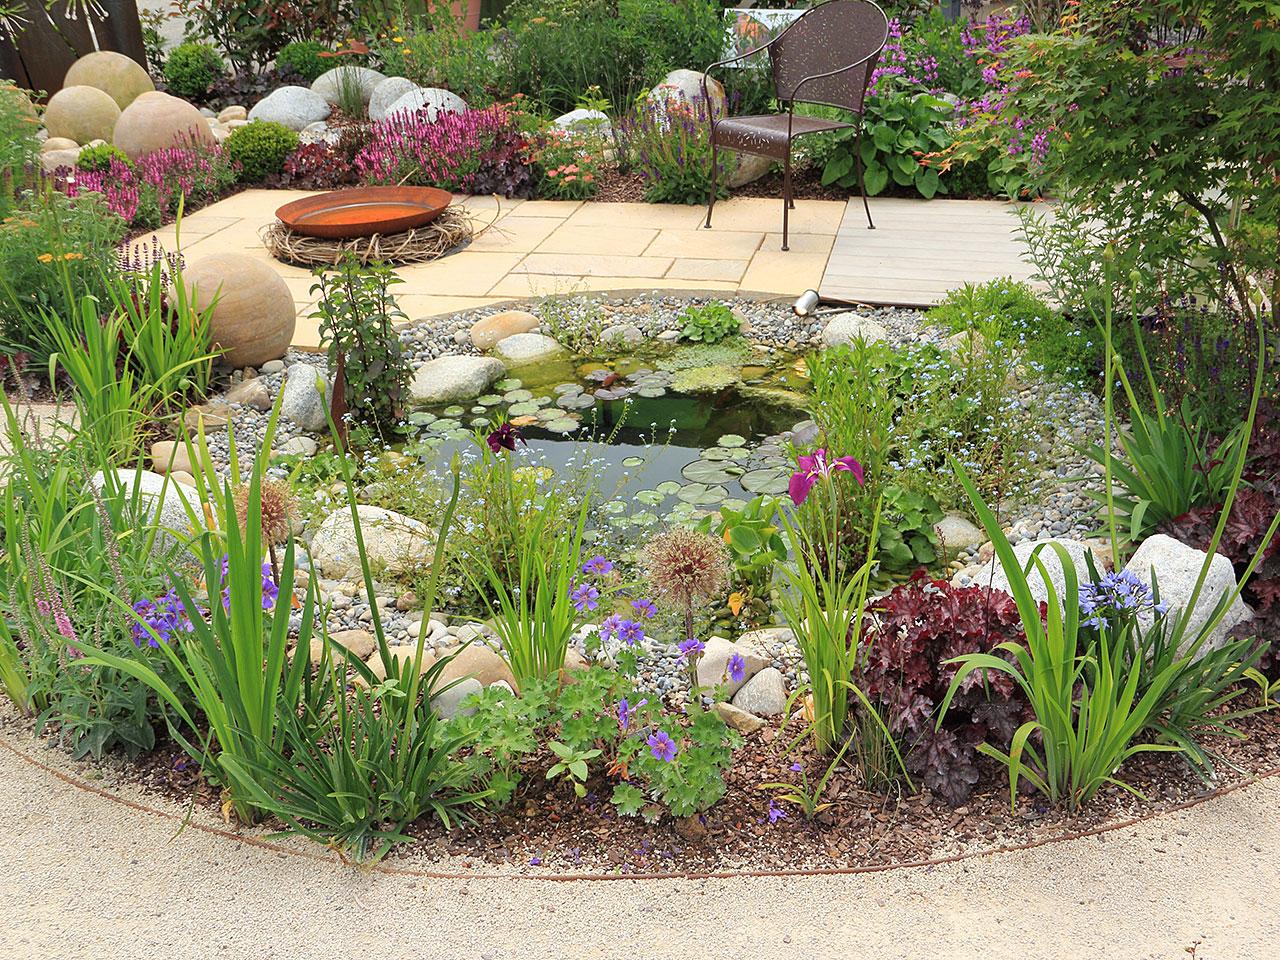 garden-pond-edging-ideas.jpg